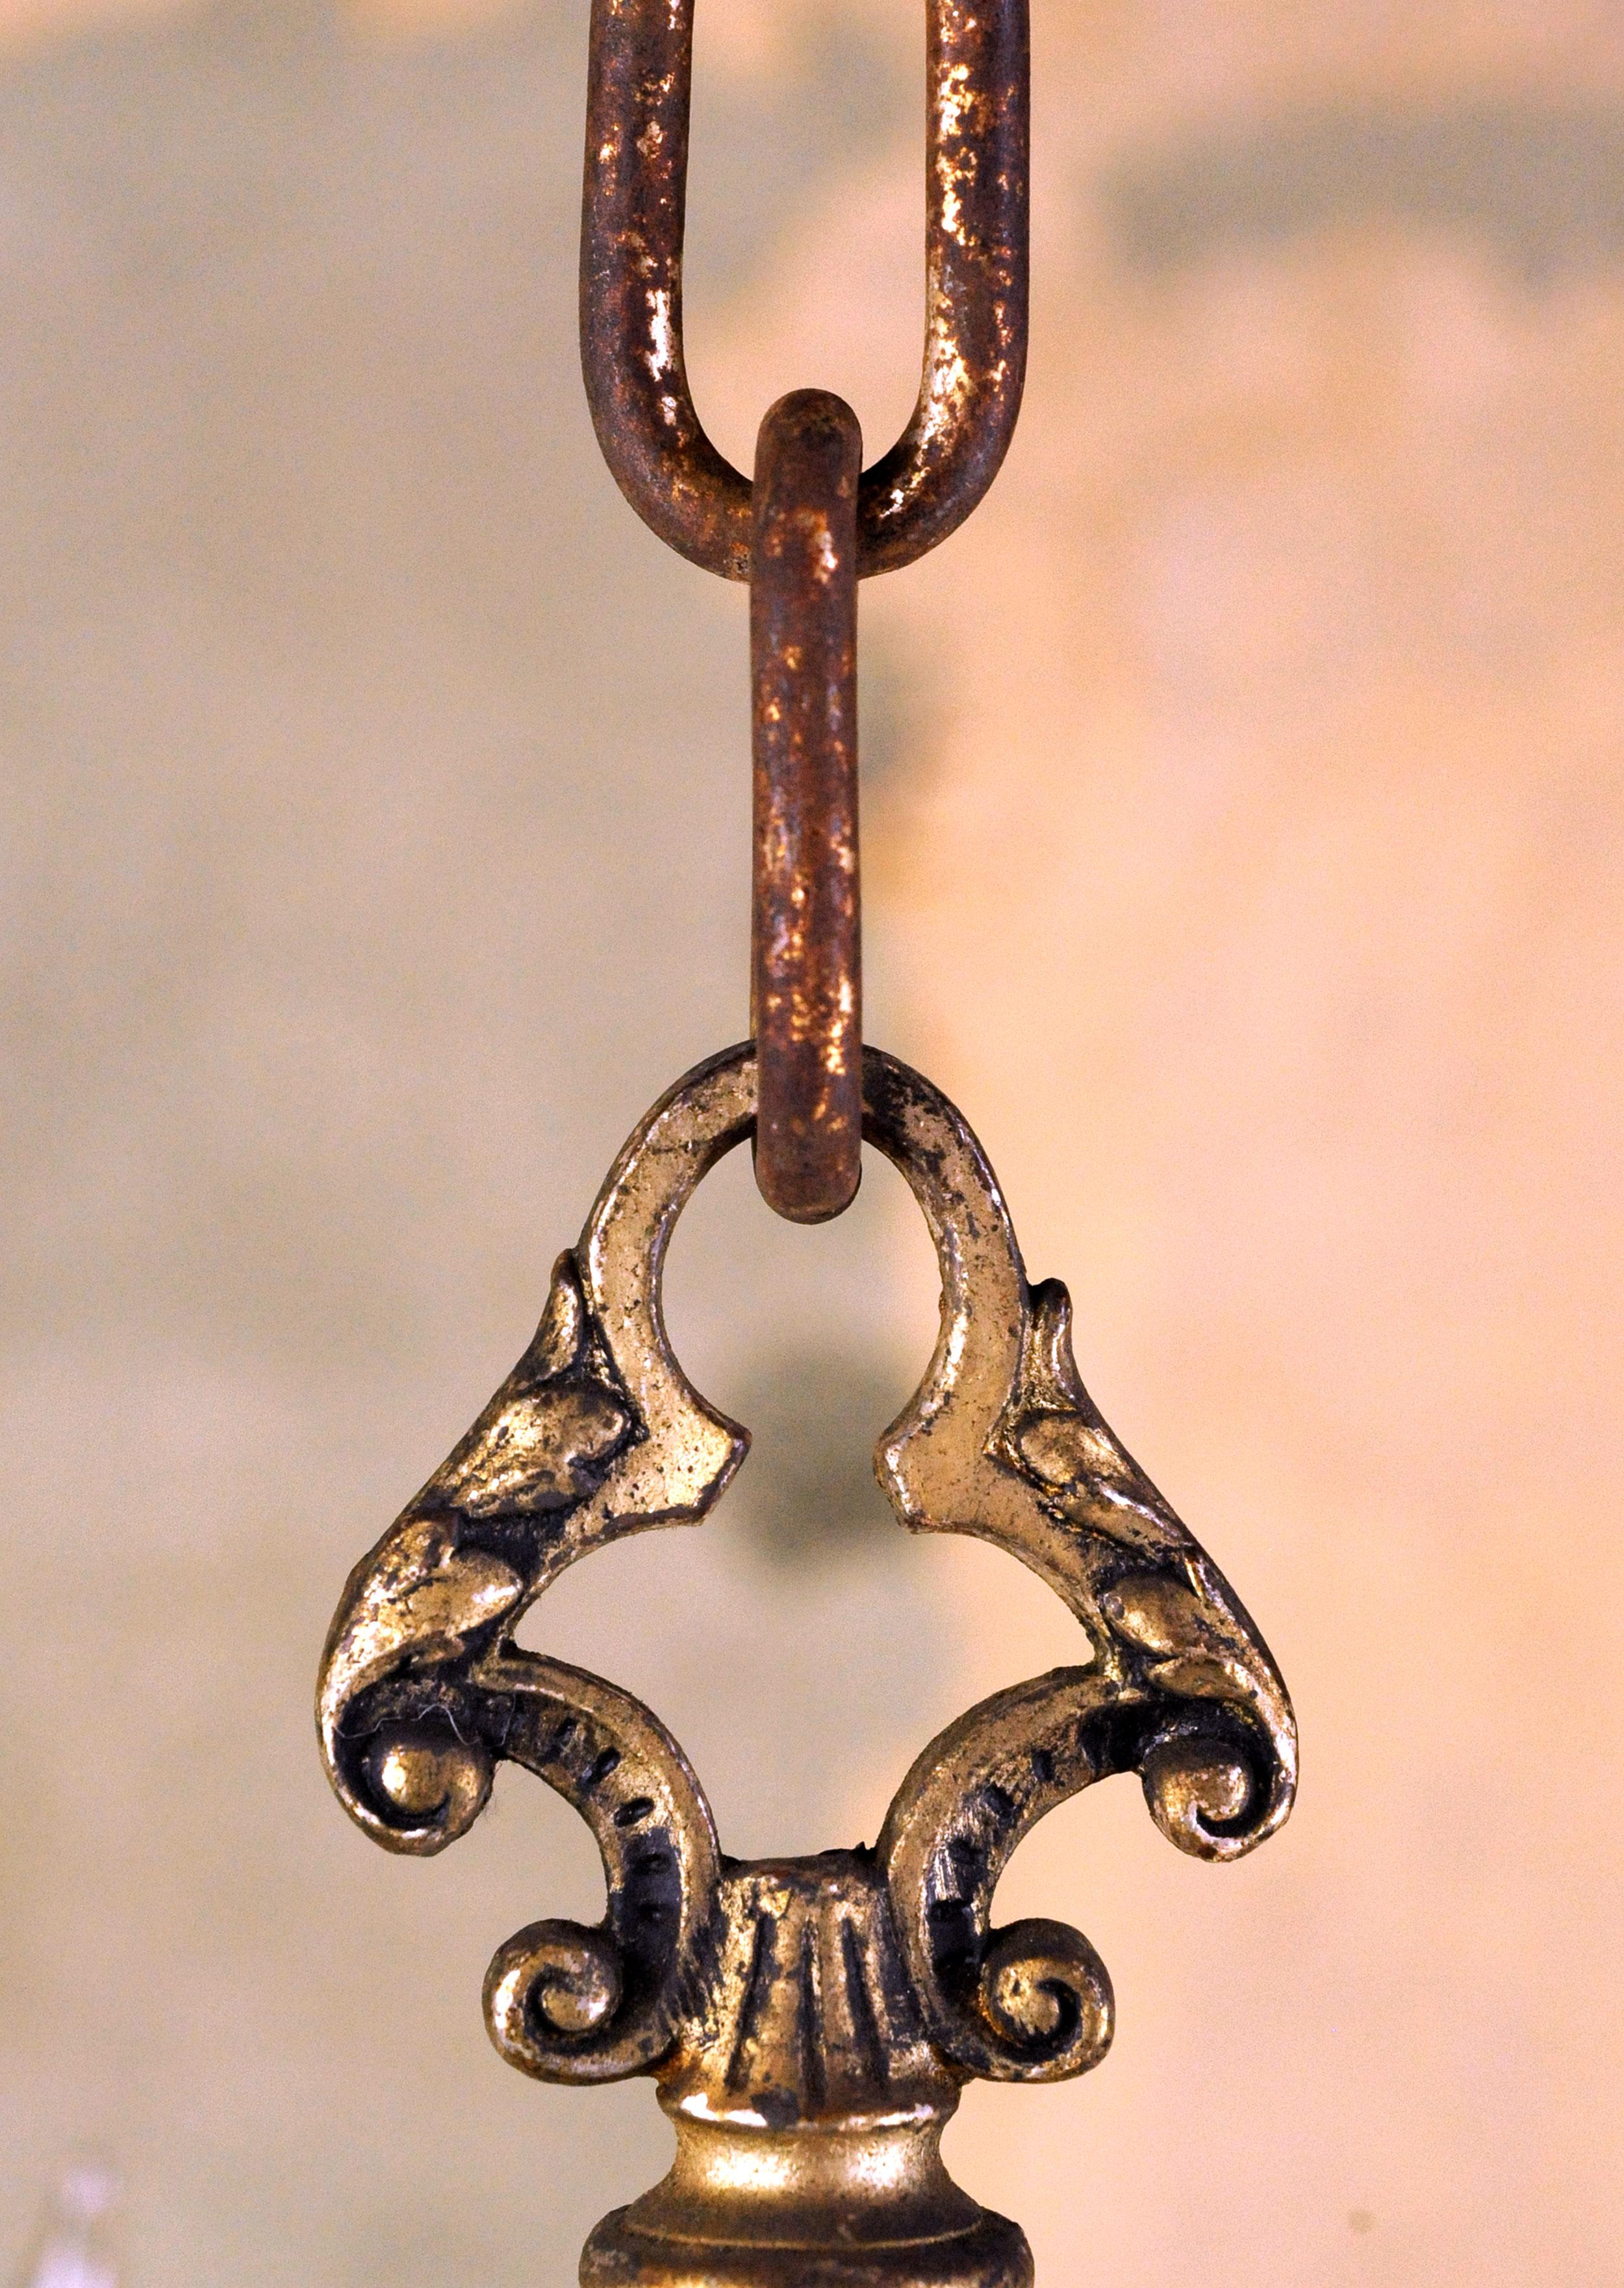 46884-silver-chandelier-chain-detail.jpg